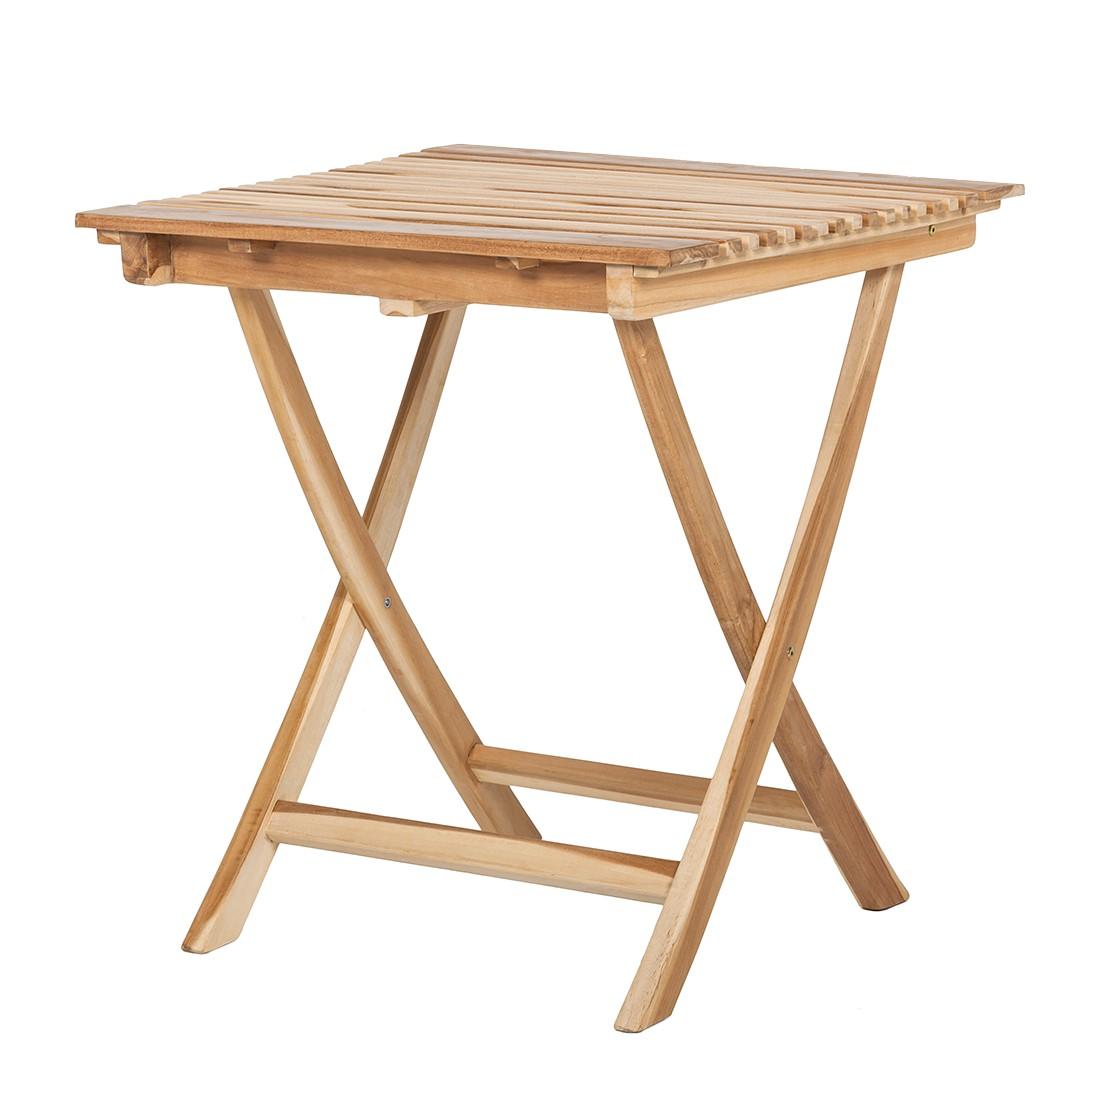 Tavolo pieghevole in legno massello colore naturale - Tavolo pieghevole foppapedretti ...